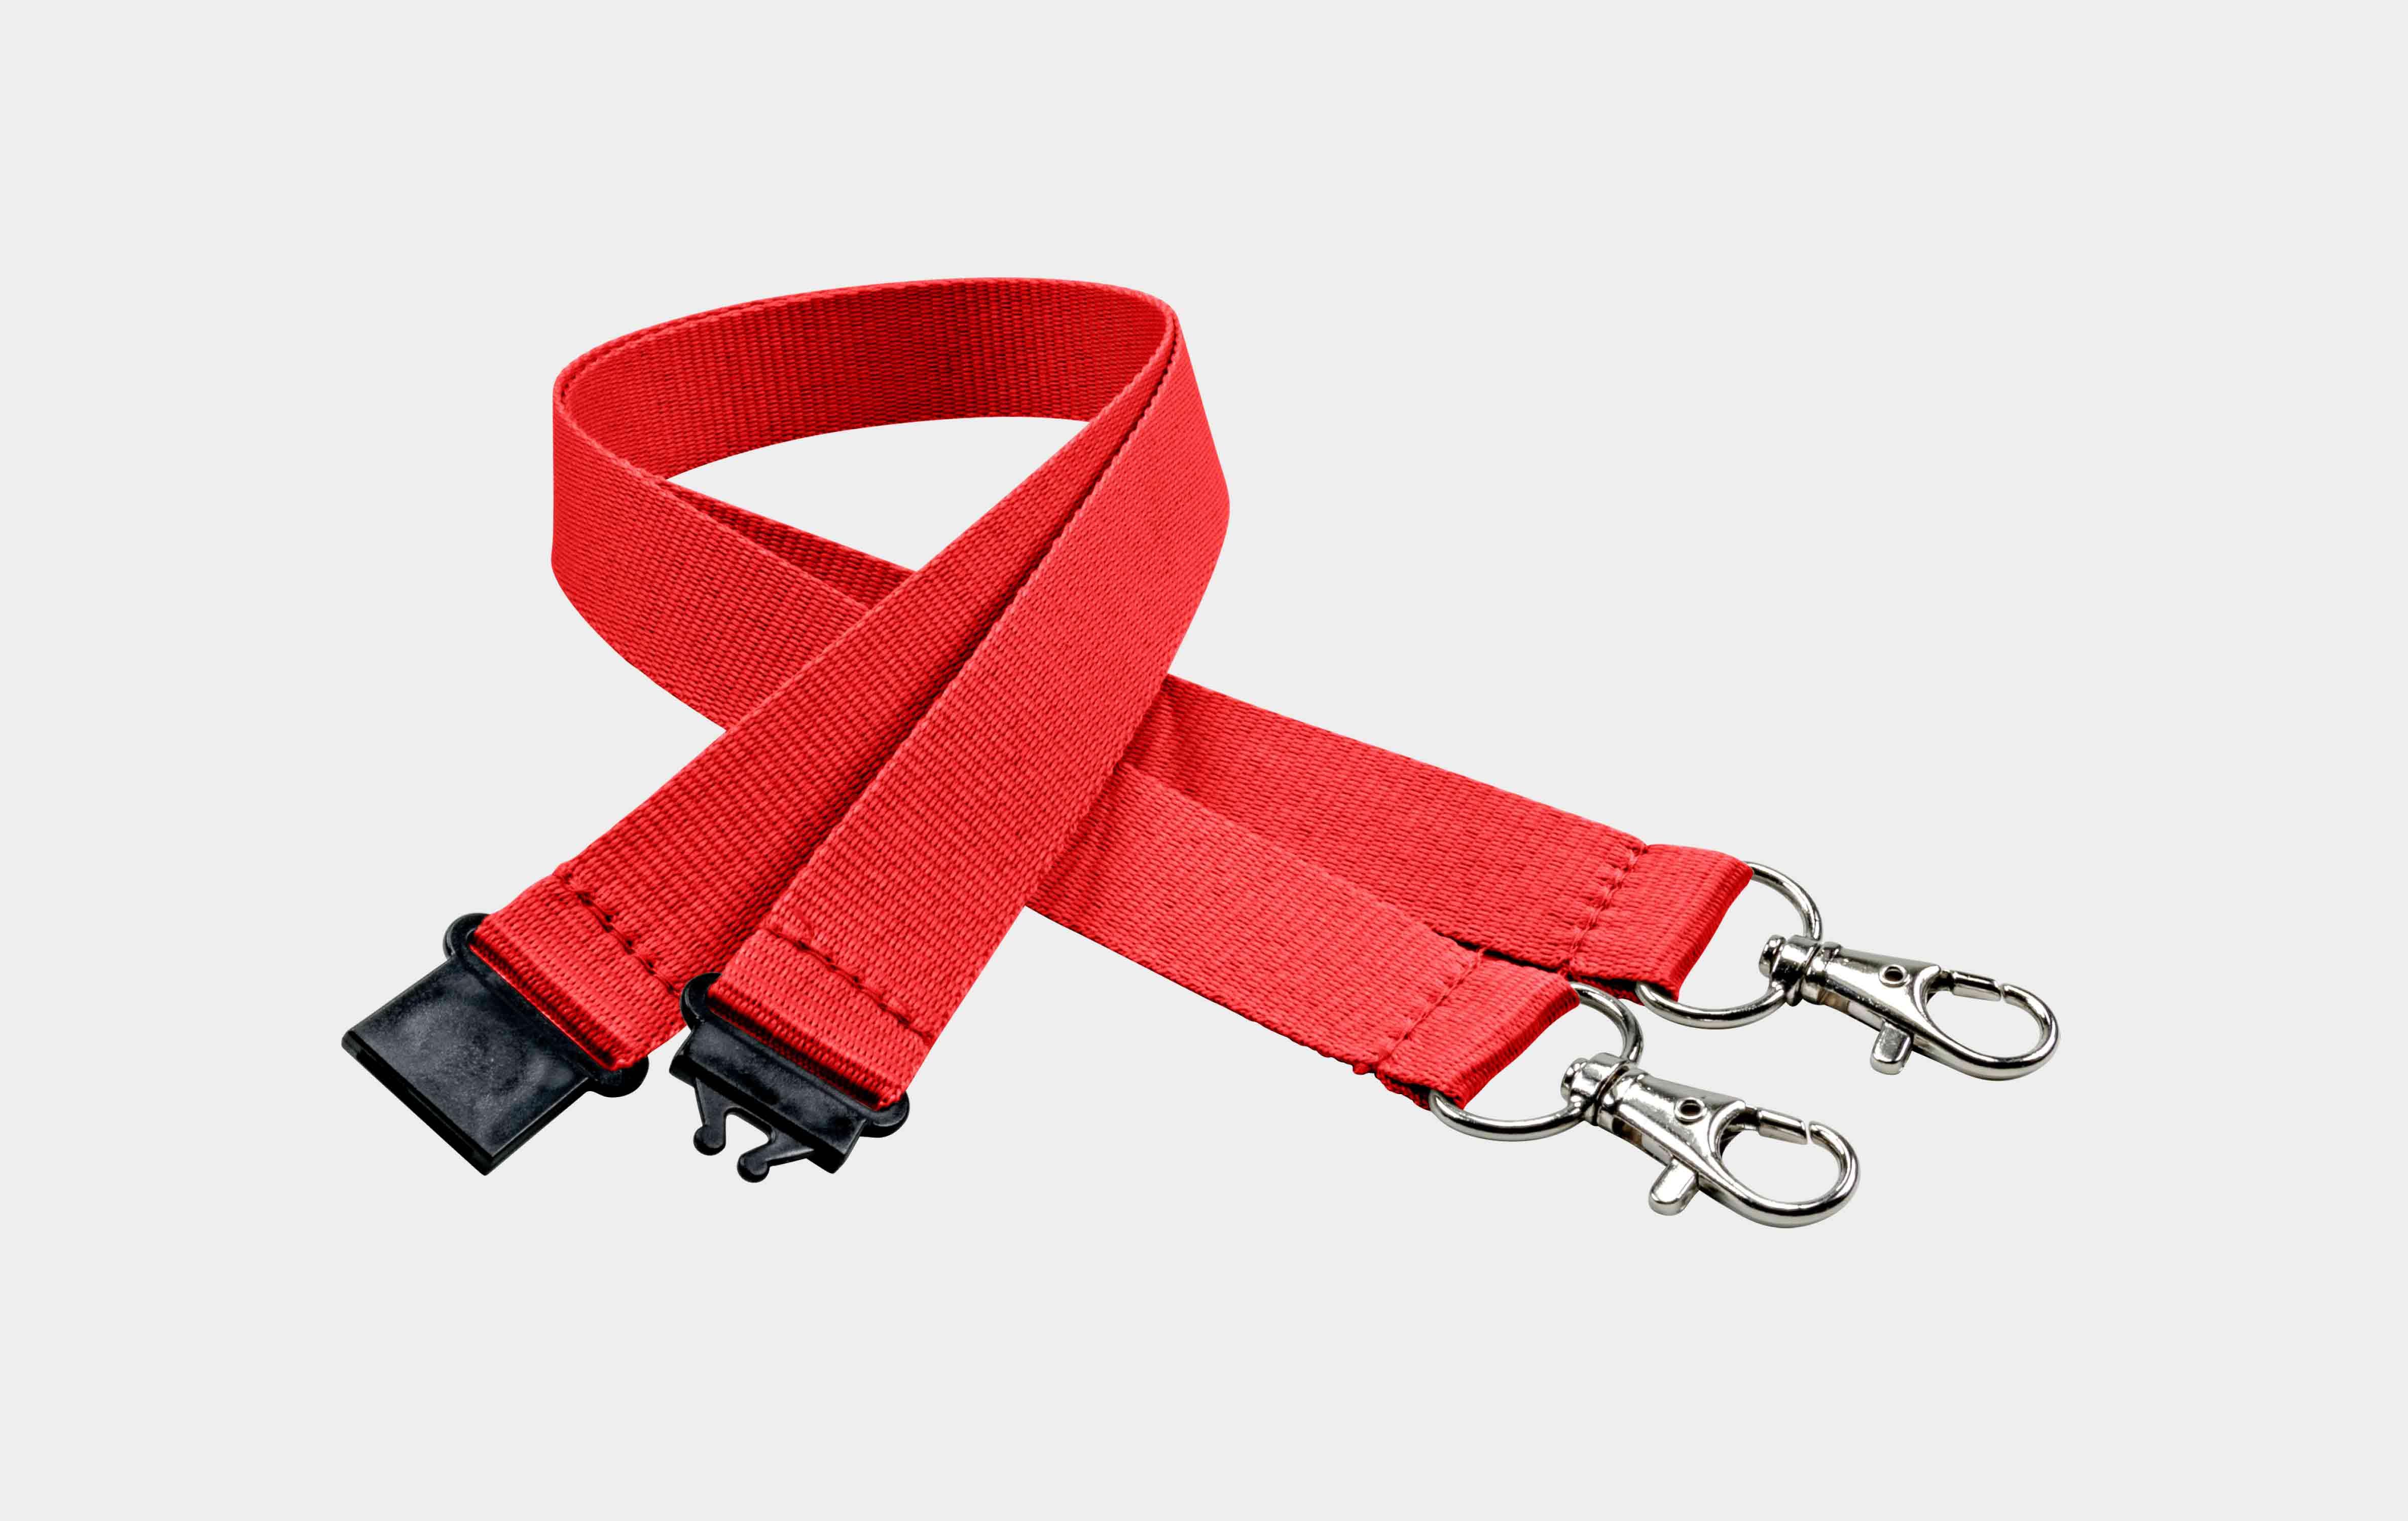 10 Stück Schlüsselbänder 20 mm, 2x easy going Haken, Sicherheitsverschluss, Rot